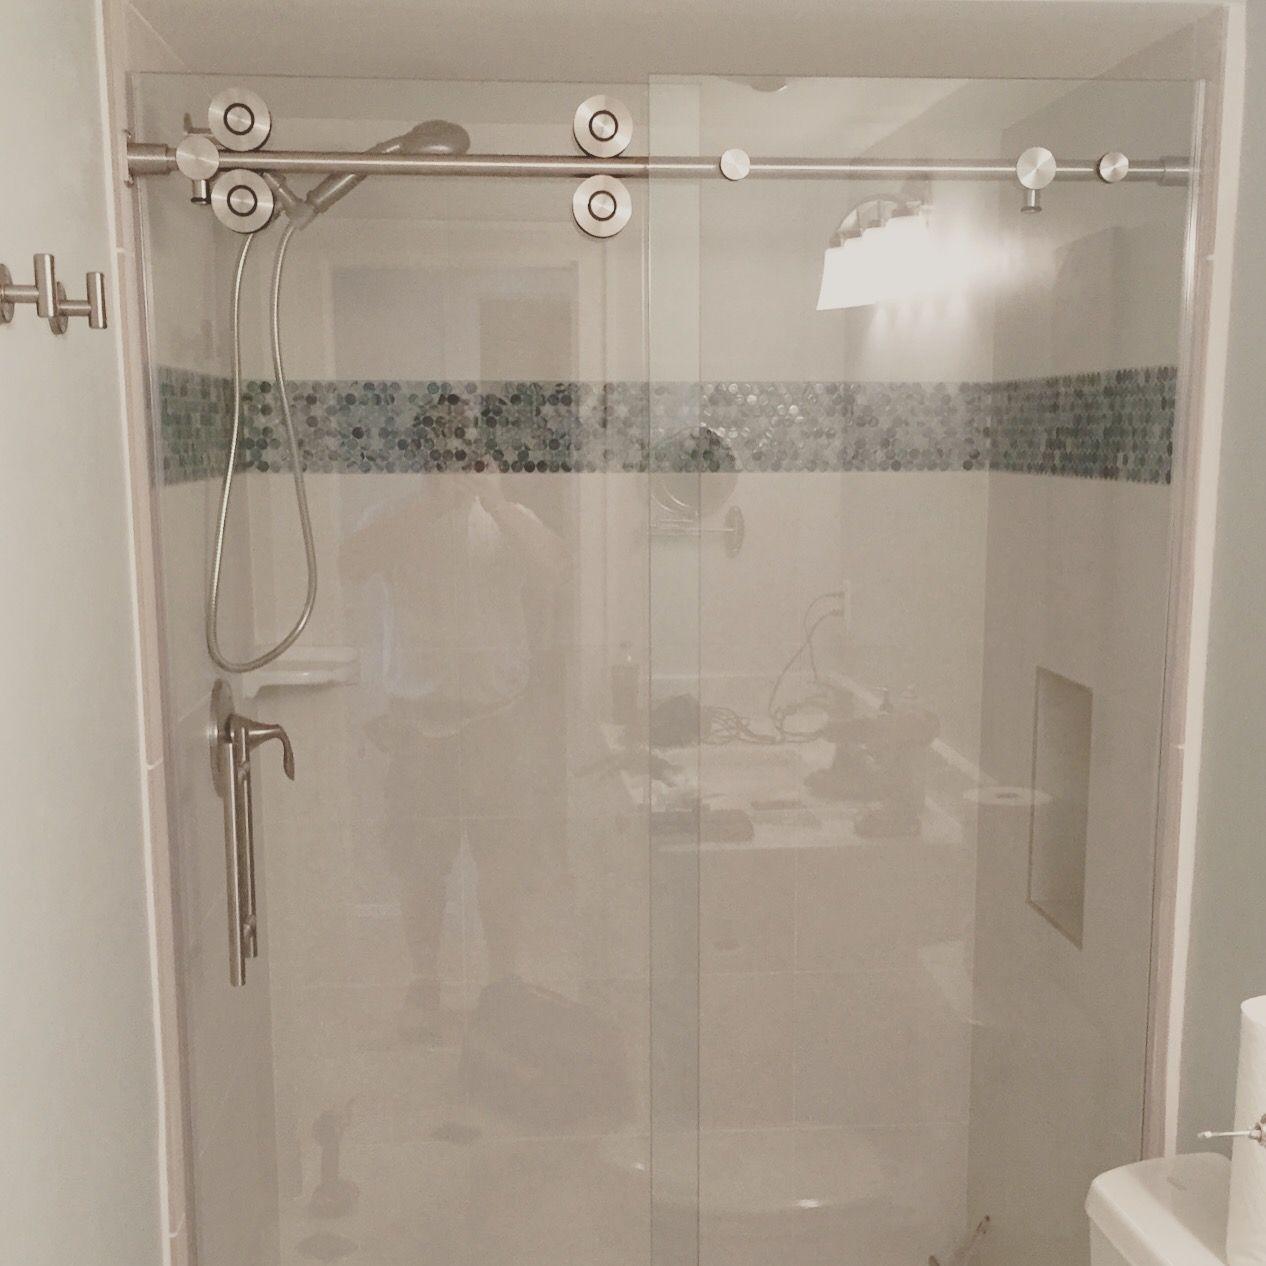 Barn Style Frameless Sliding Glass Shower Door Hardware Shower